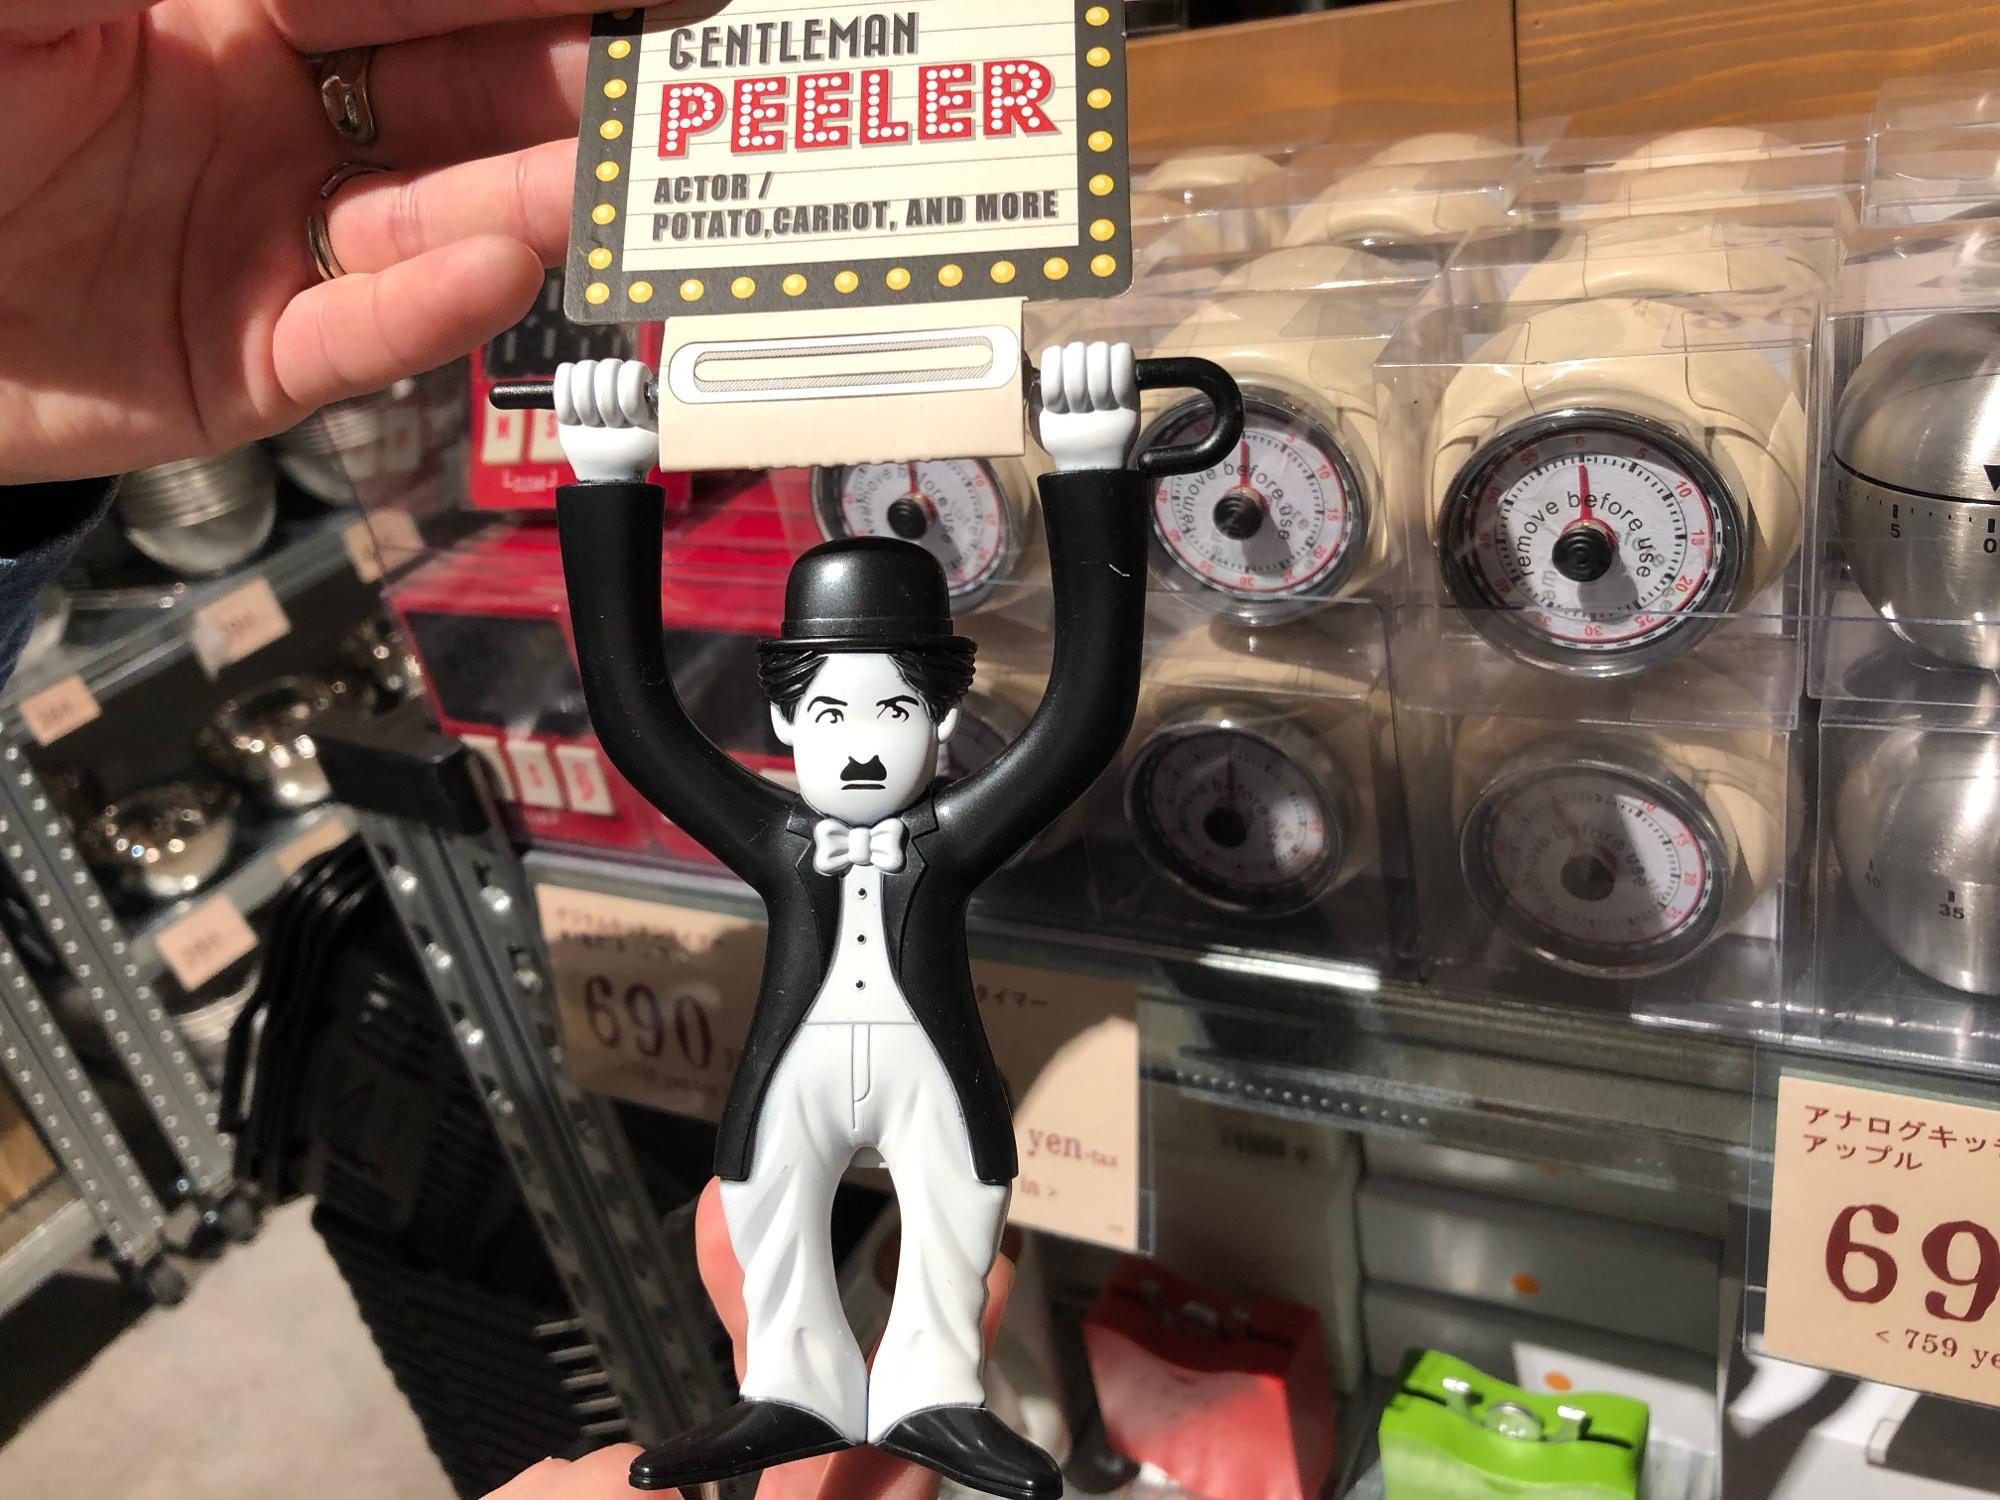 ジェントルマンピーラー(490円)